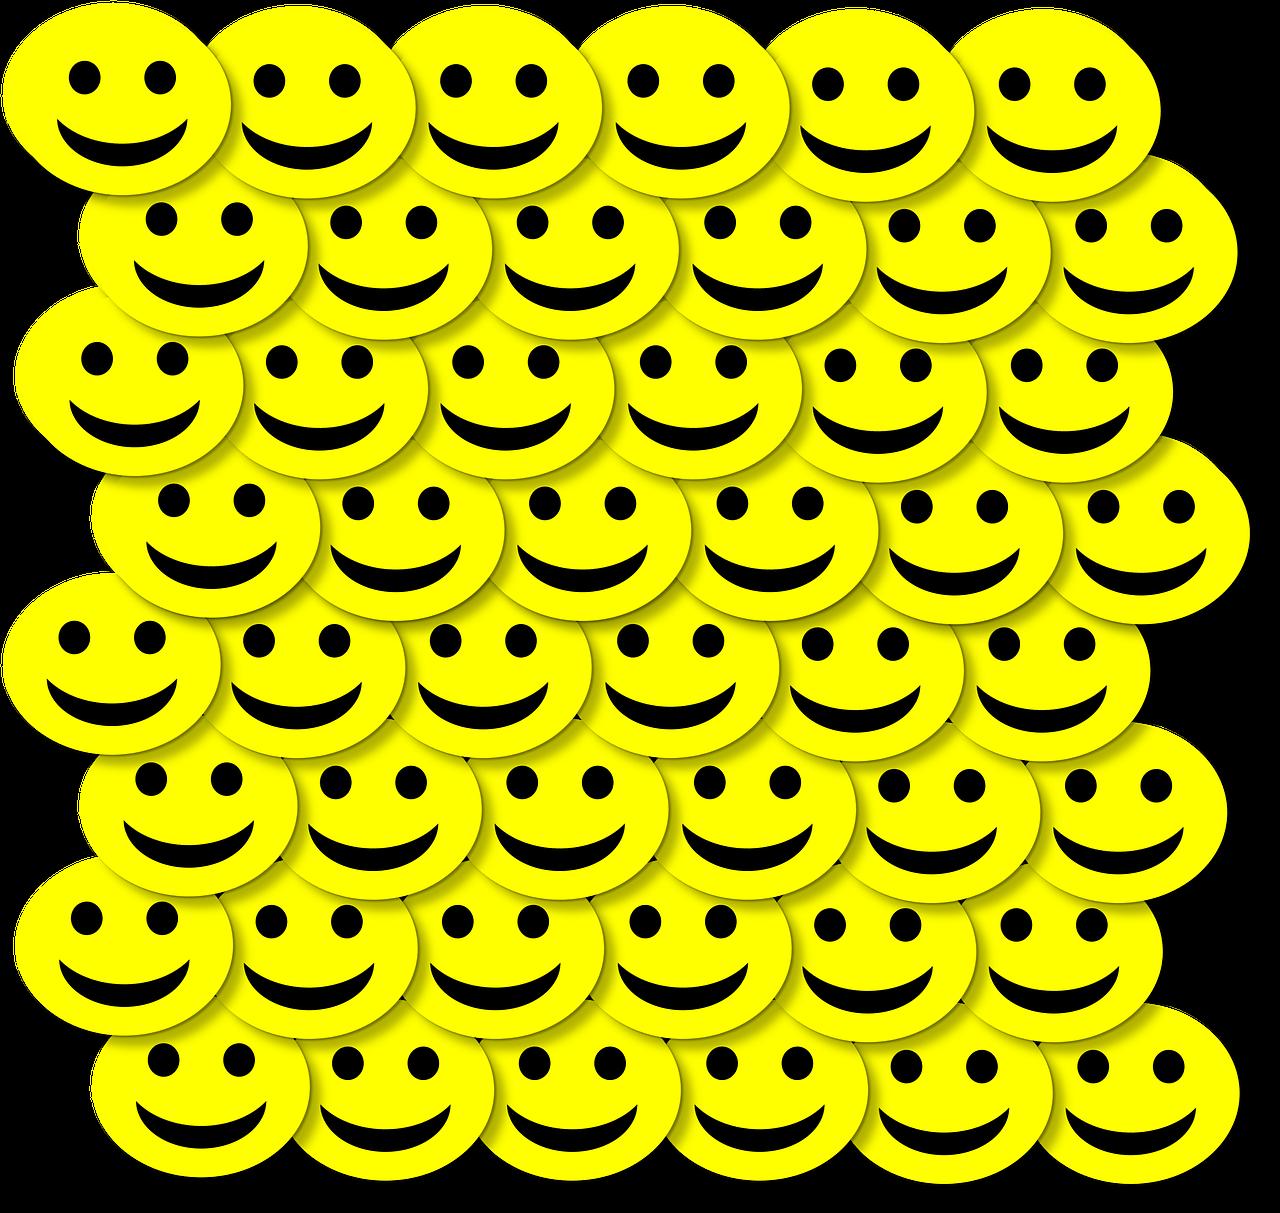 happy face 3d smile public domain image - FreeIMG